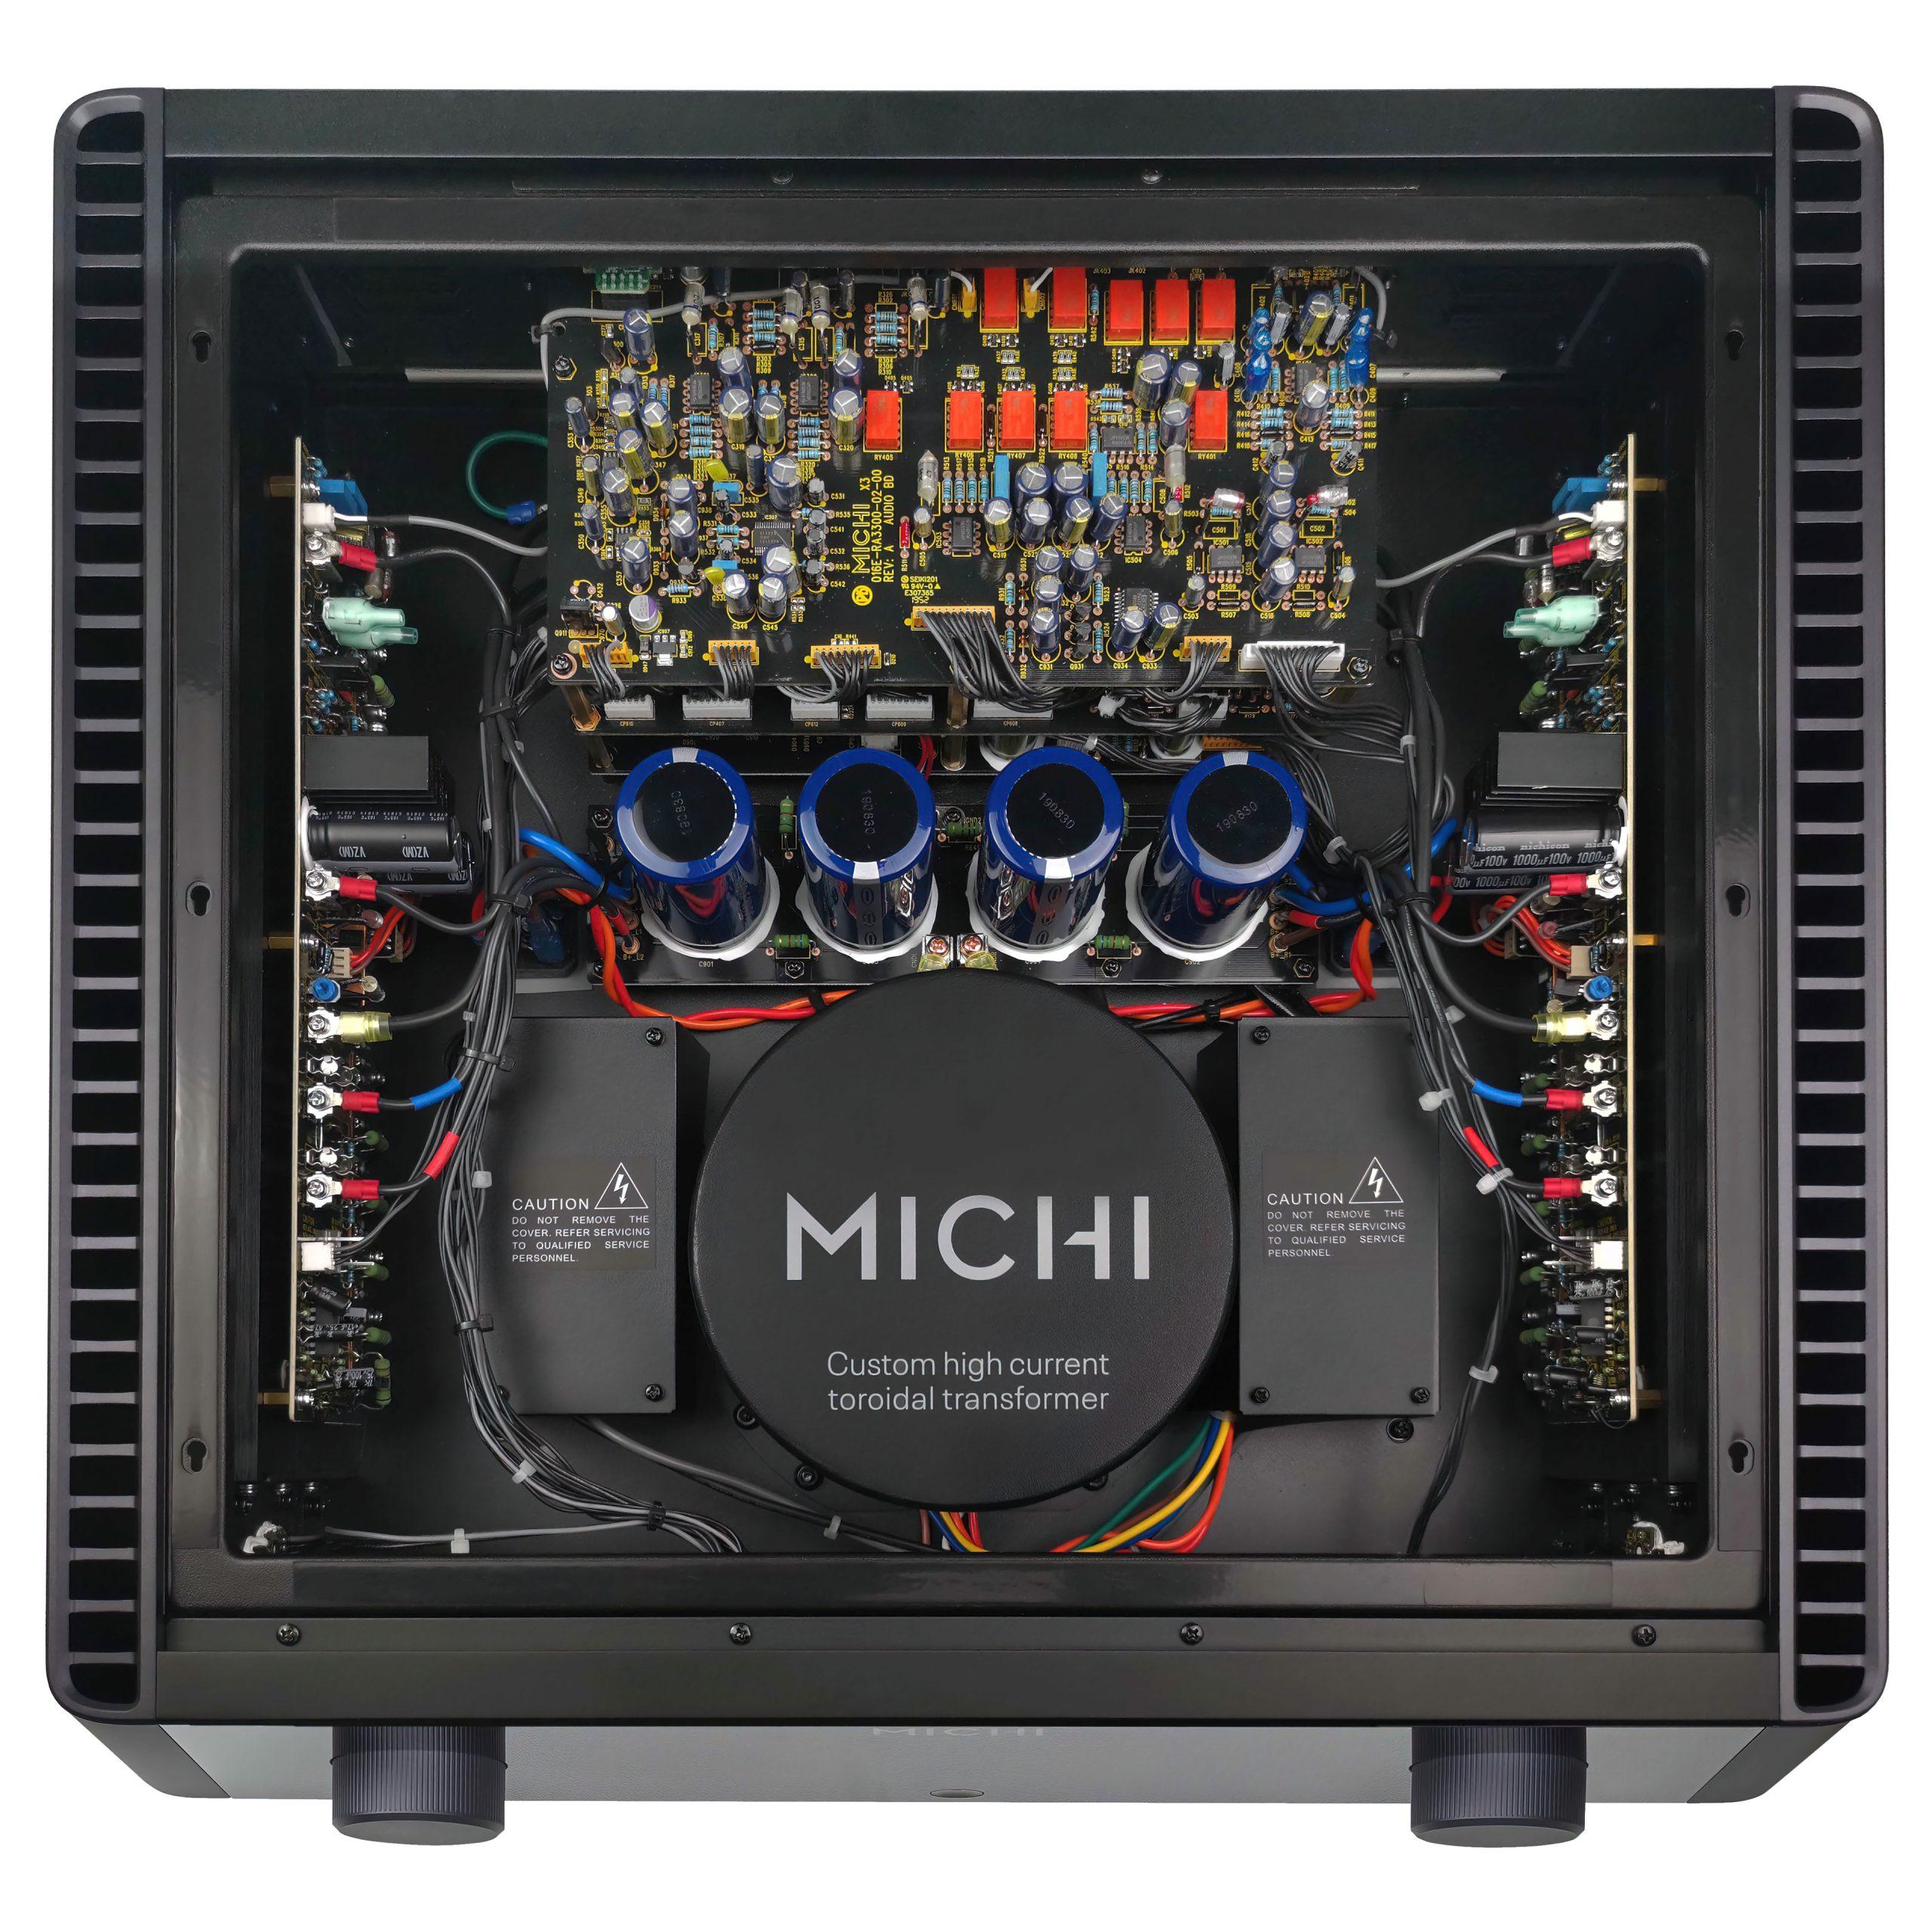 Rotel Michi X3 interior